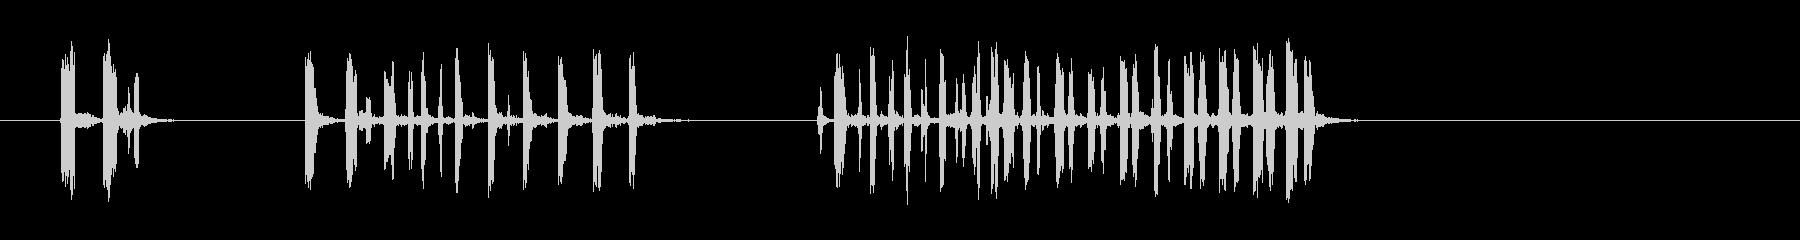 マーモットまたは小動物のきしむ音、...の未再生の波形